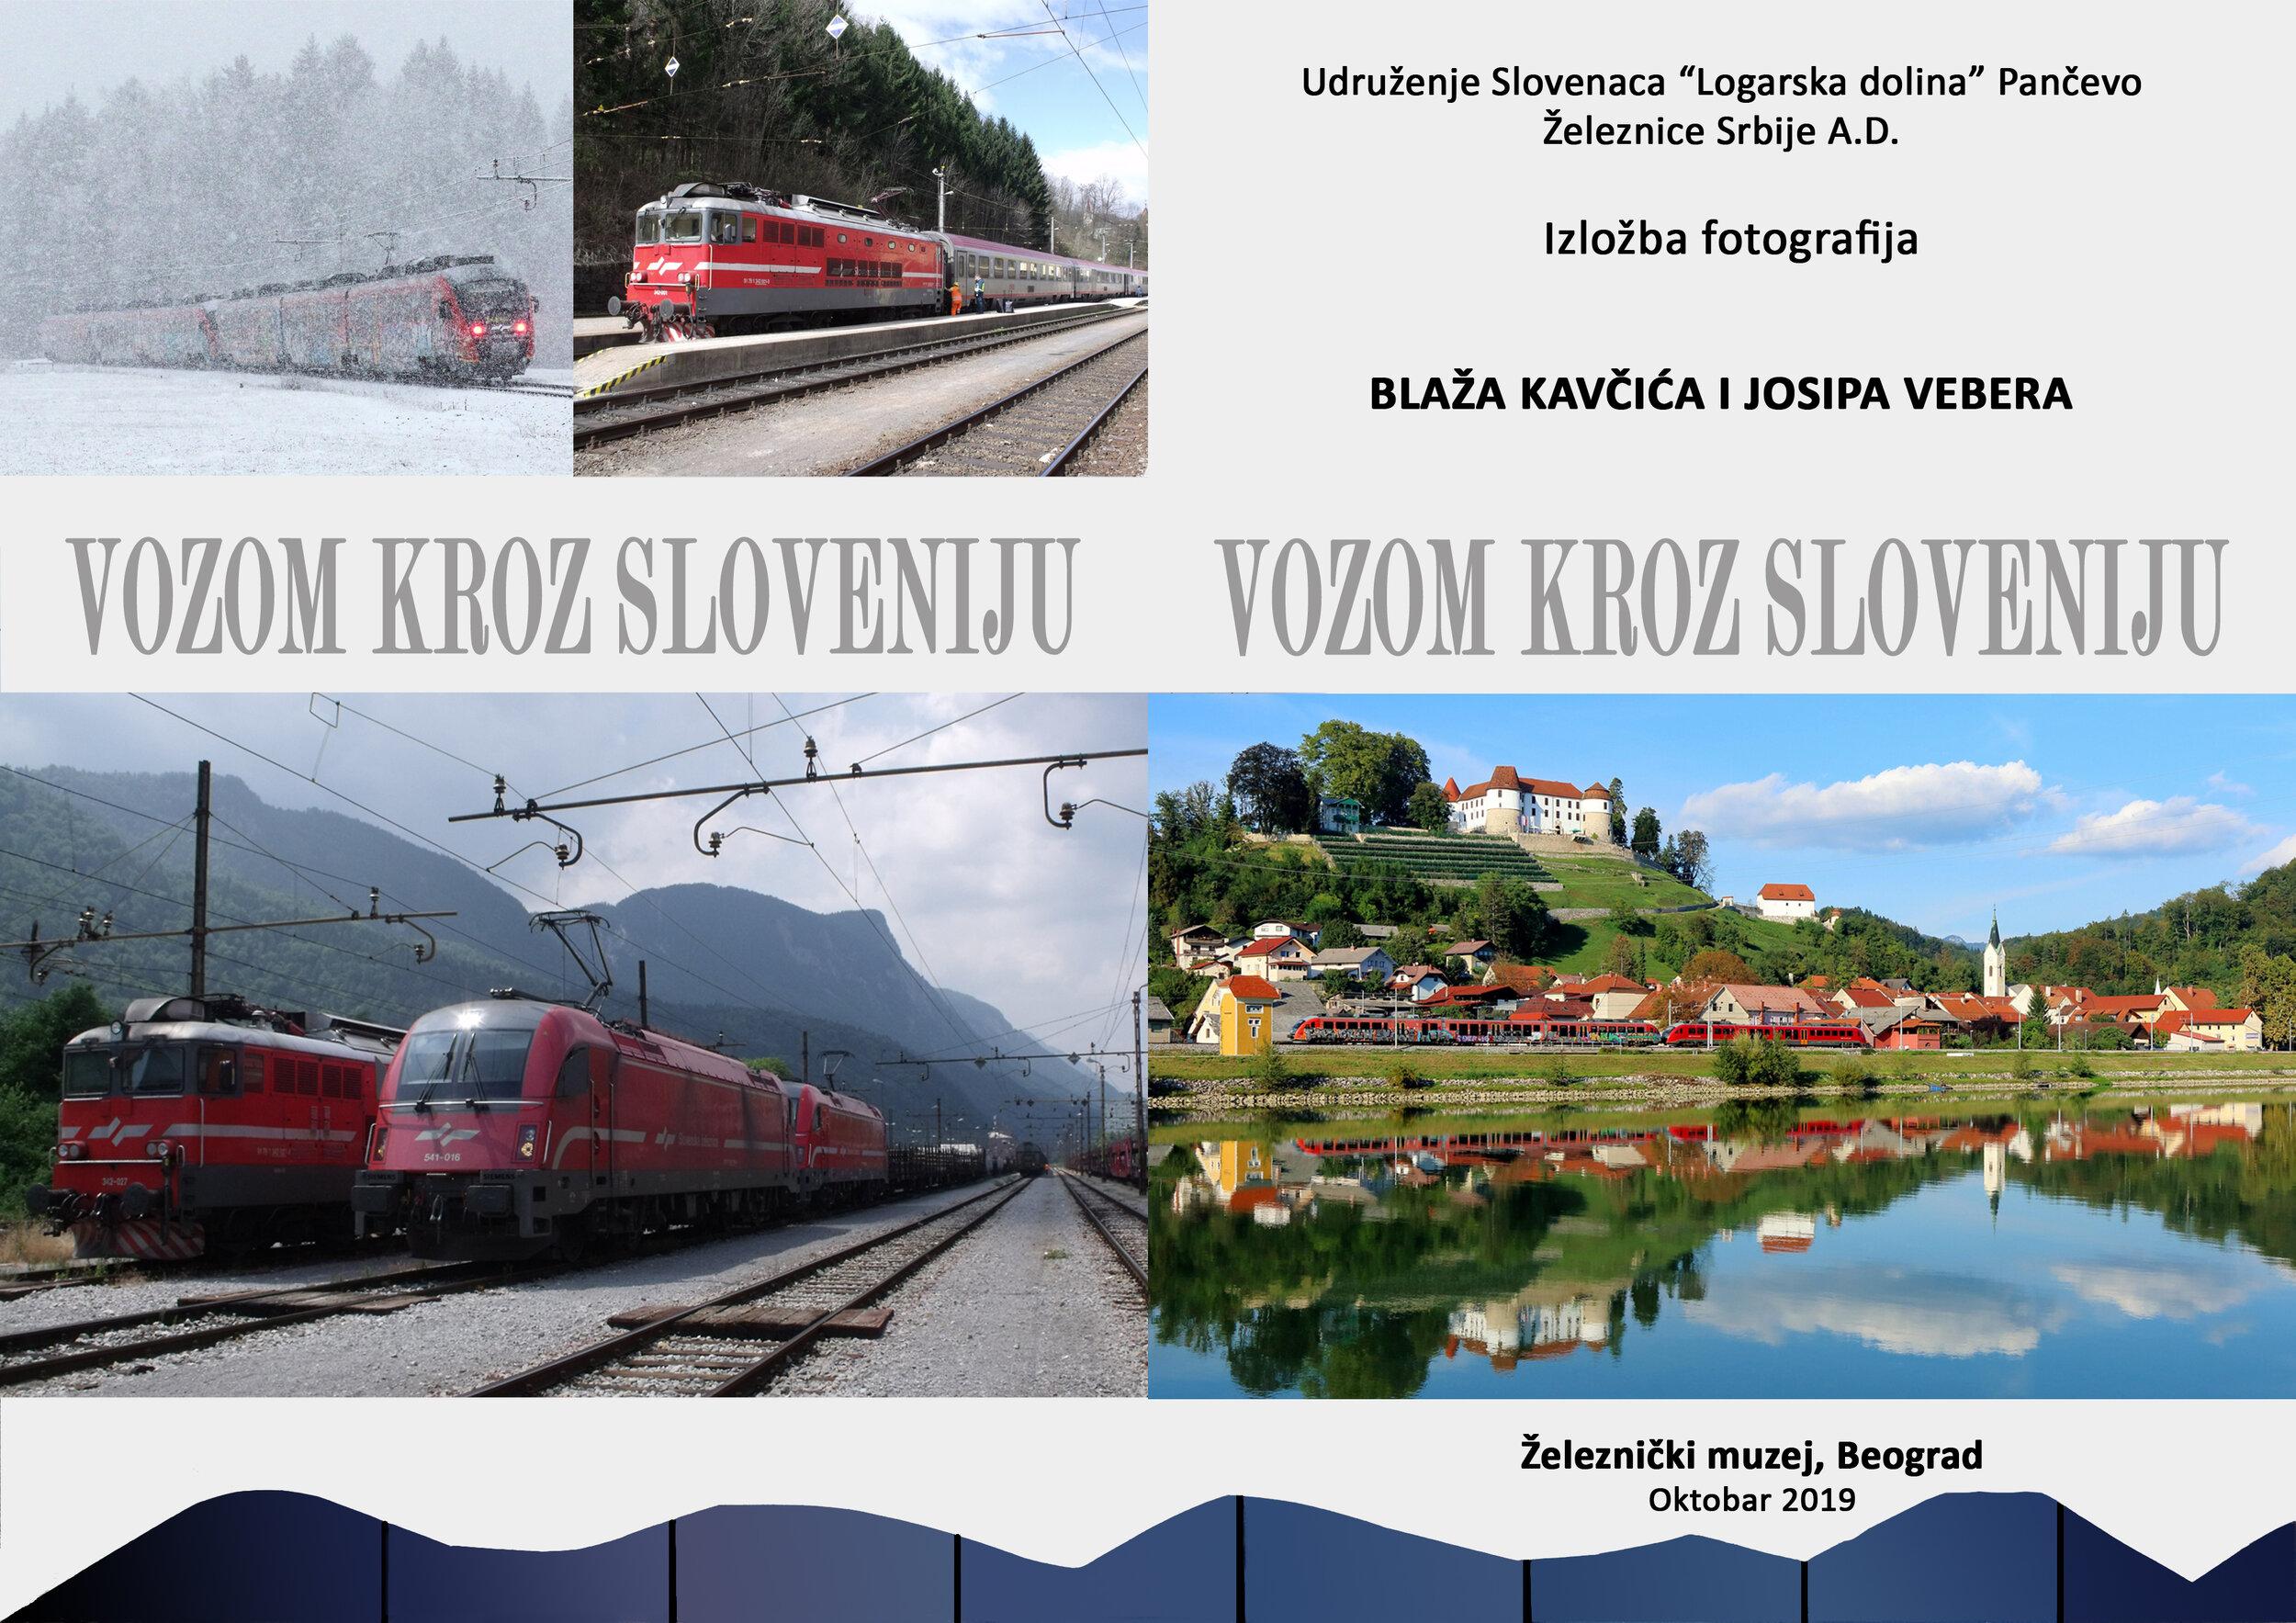 Plakat vozom kroz Sloveniju A4.jpg